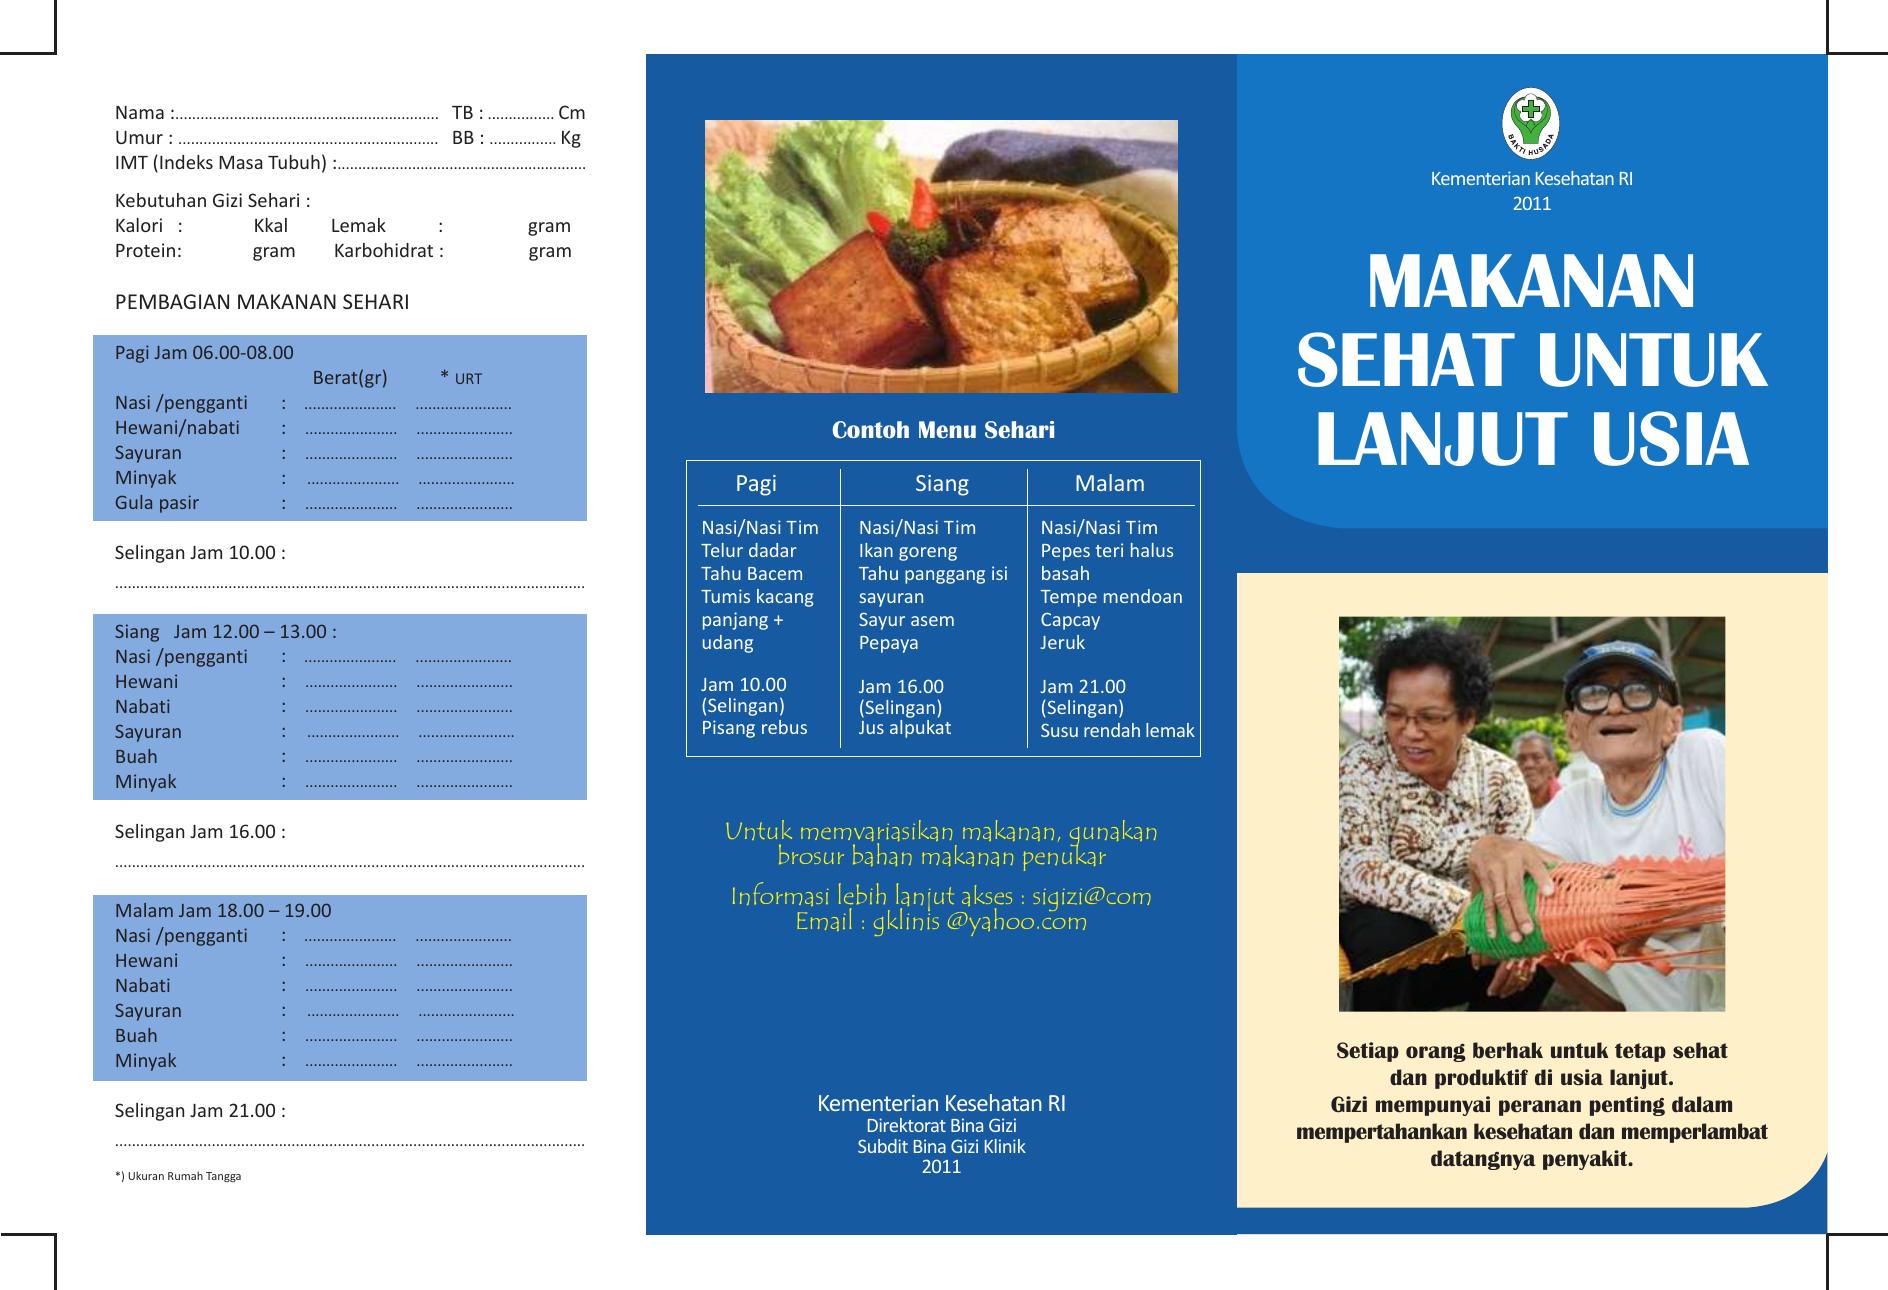 Brosur Makanan Sehat Untuk Lanjut Usia